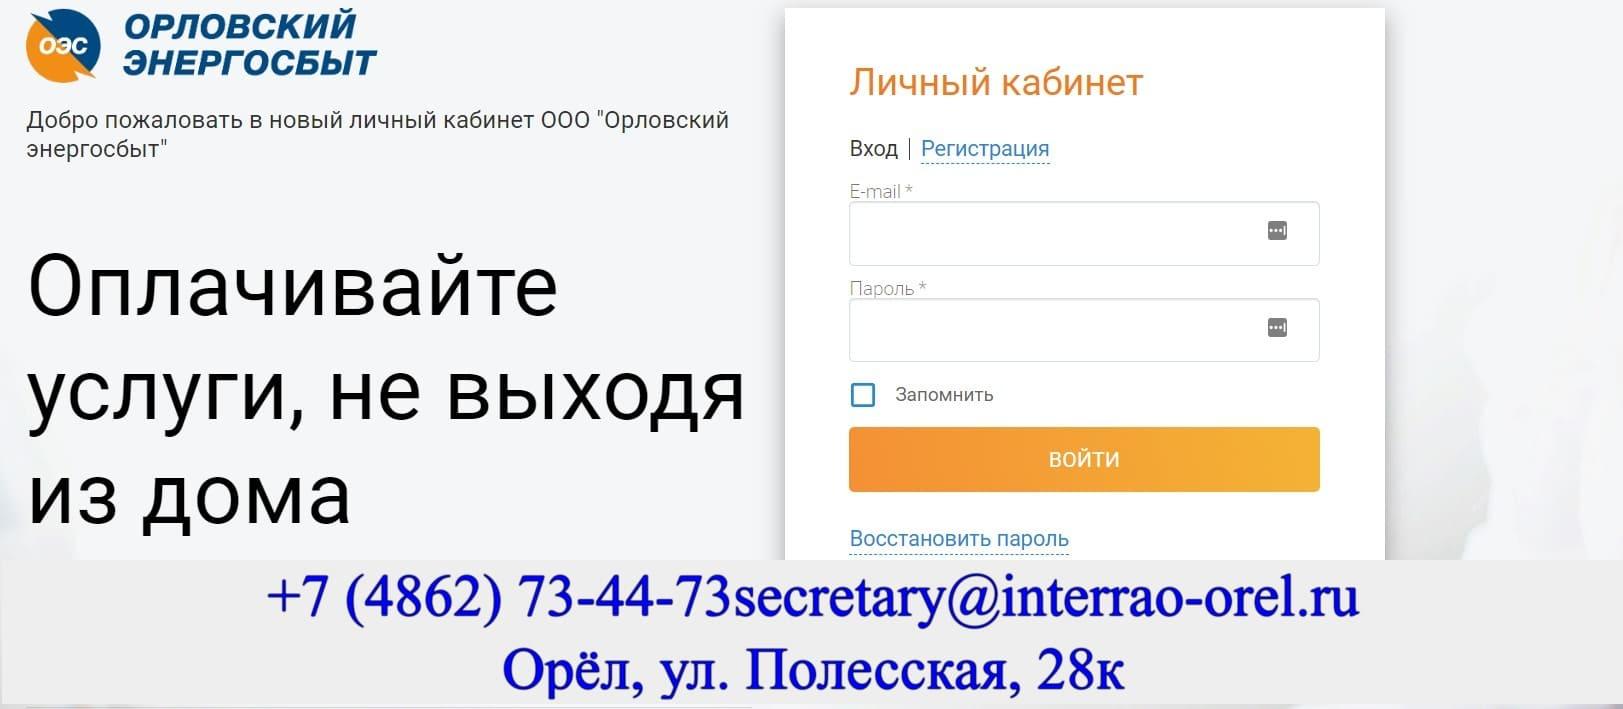 Орловский энергосбыт личный кабинет